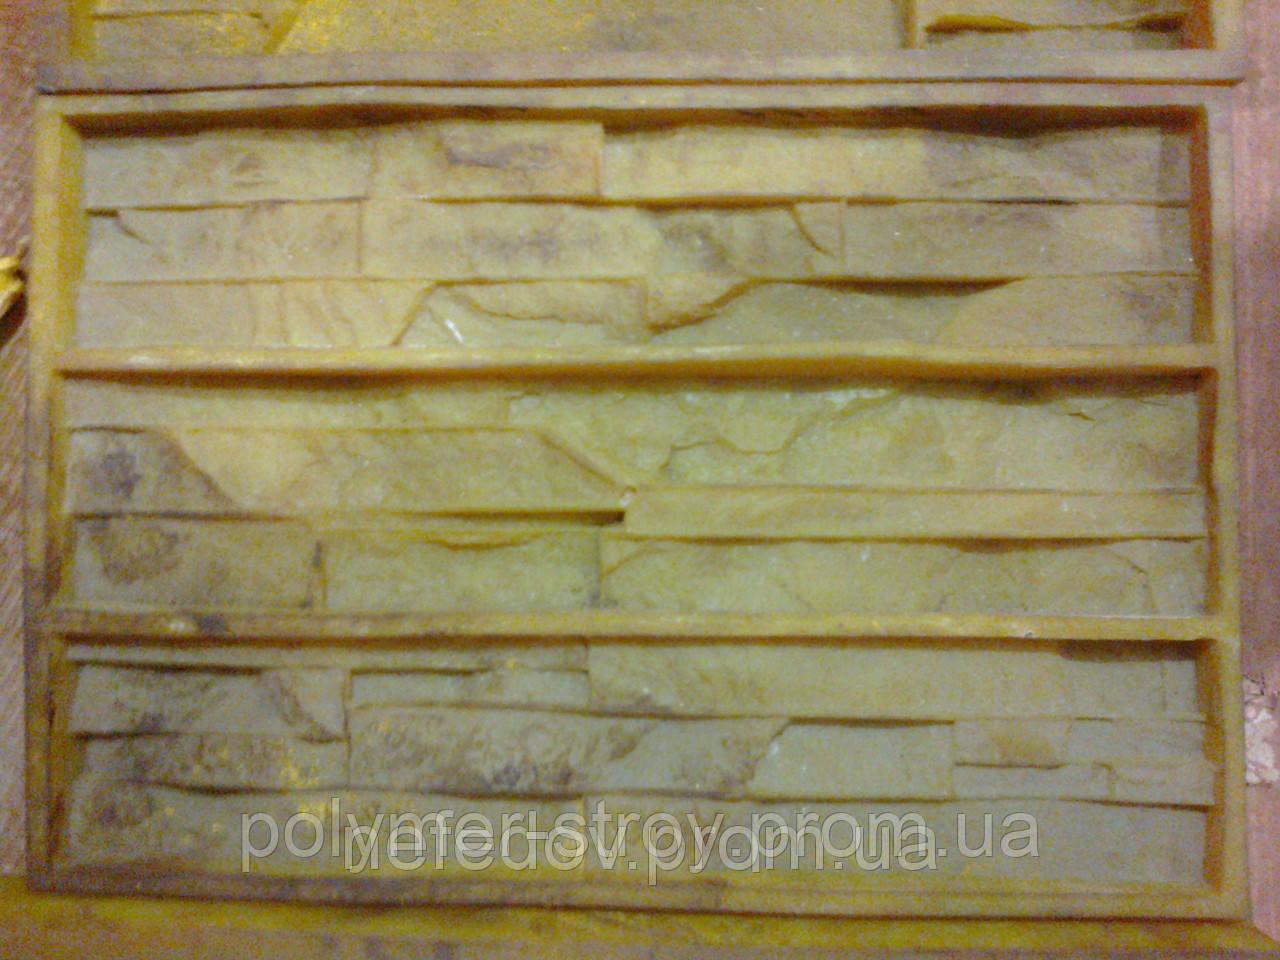 Форма для фасадной плитки - полиуретан